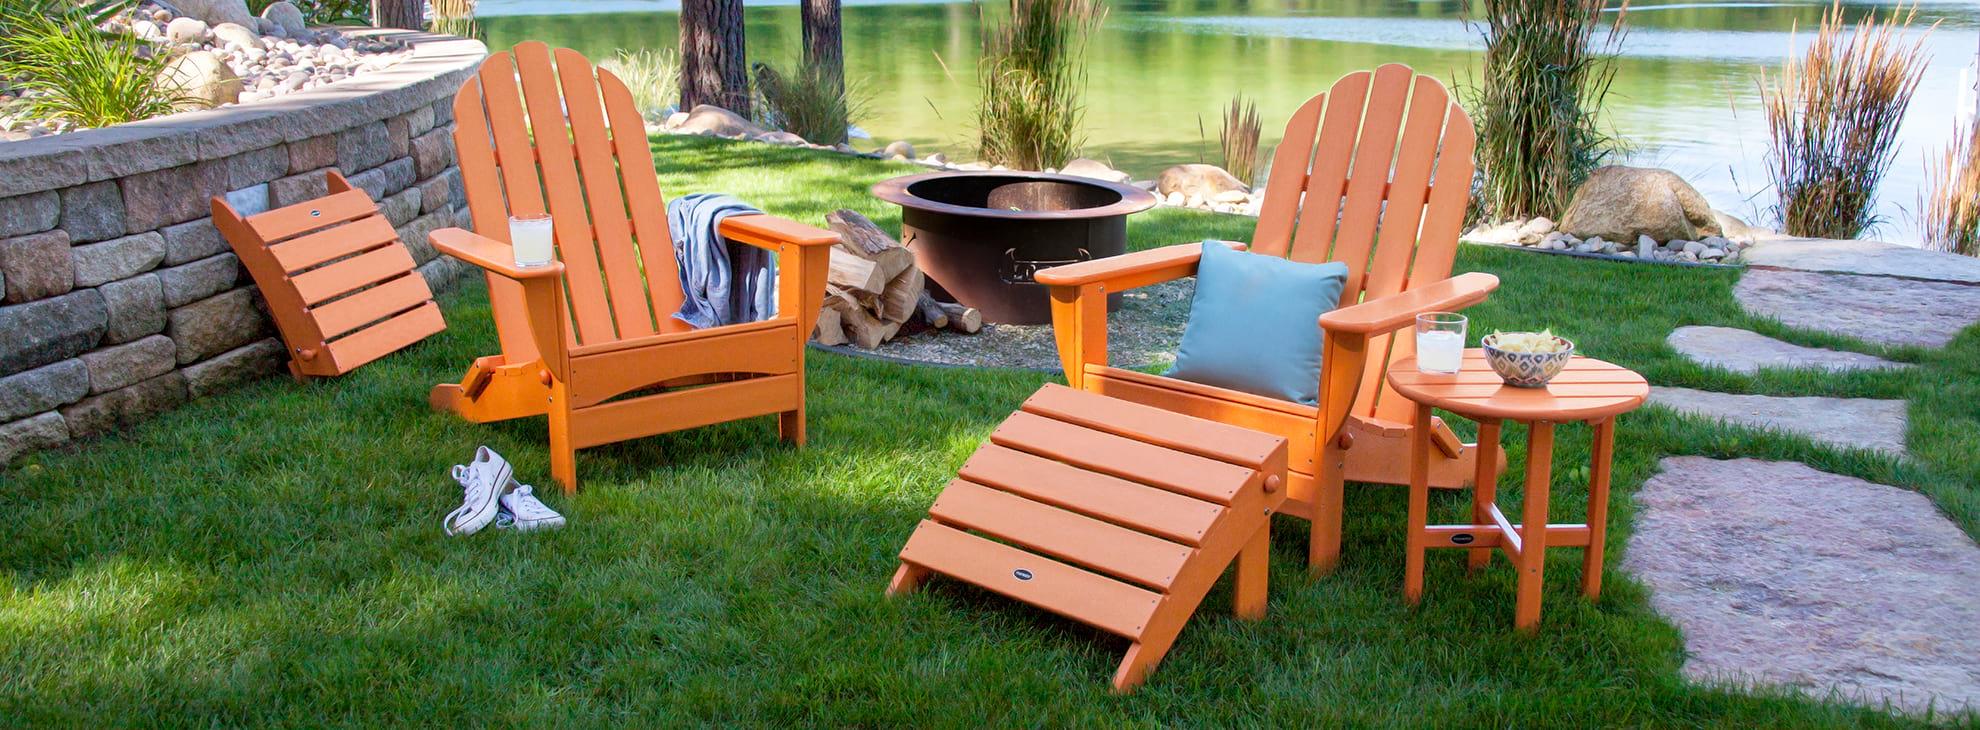 Orange Adirondack Chairs